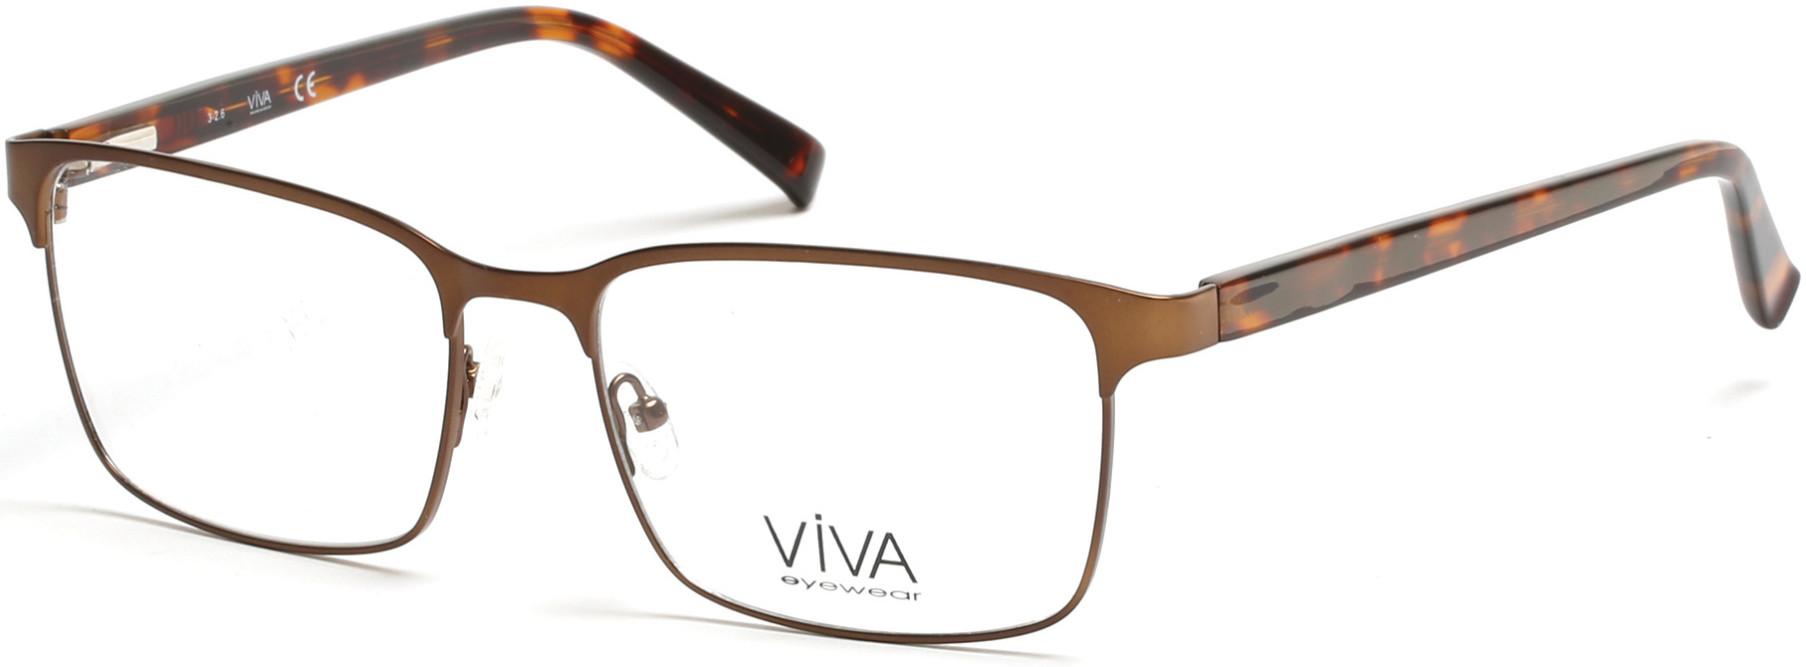 VIVA VV4021 style-color 046 - Matte Light Brown